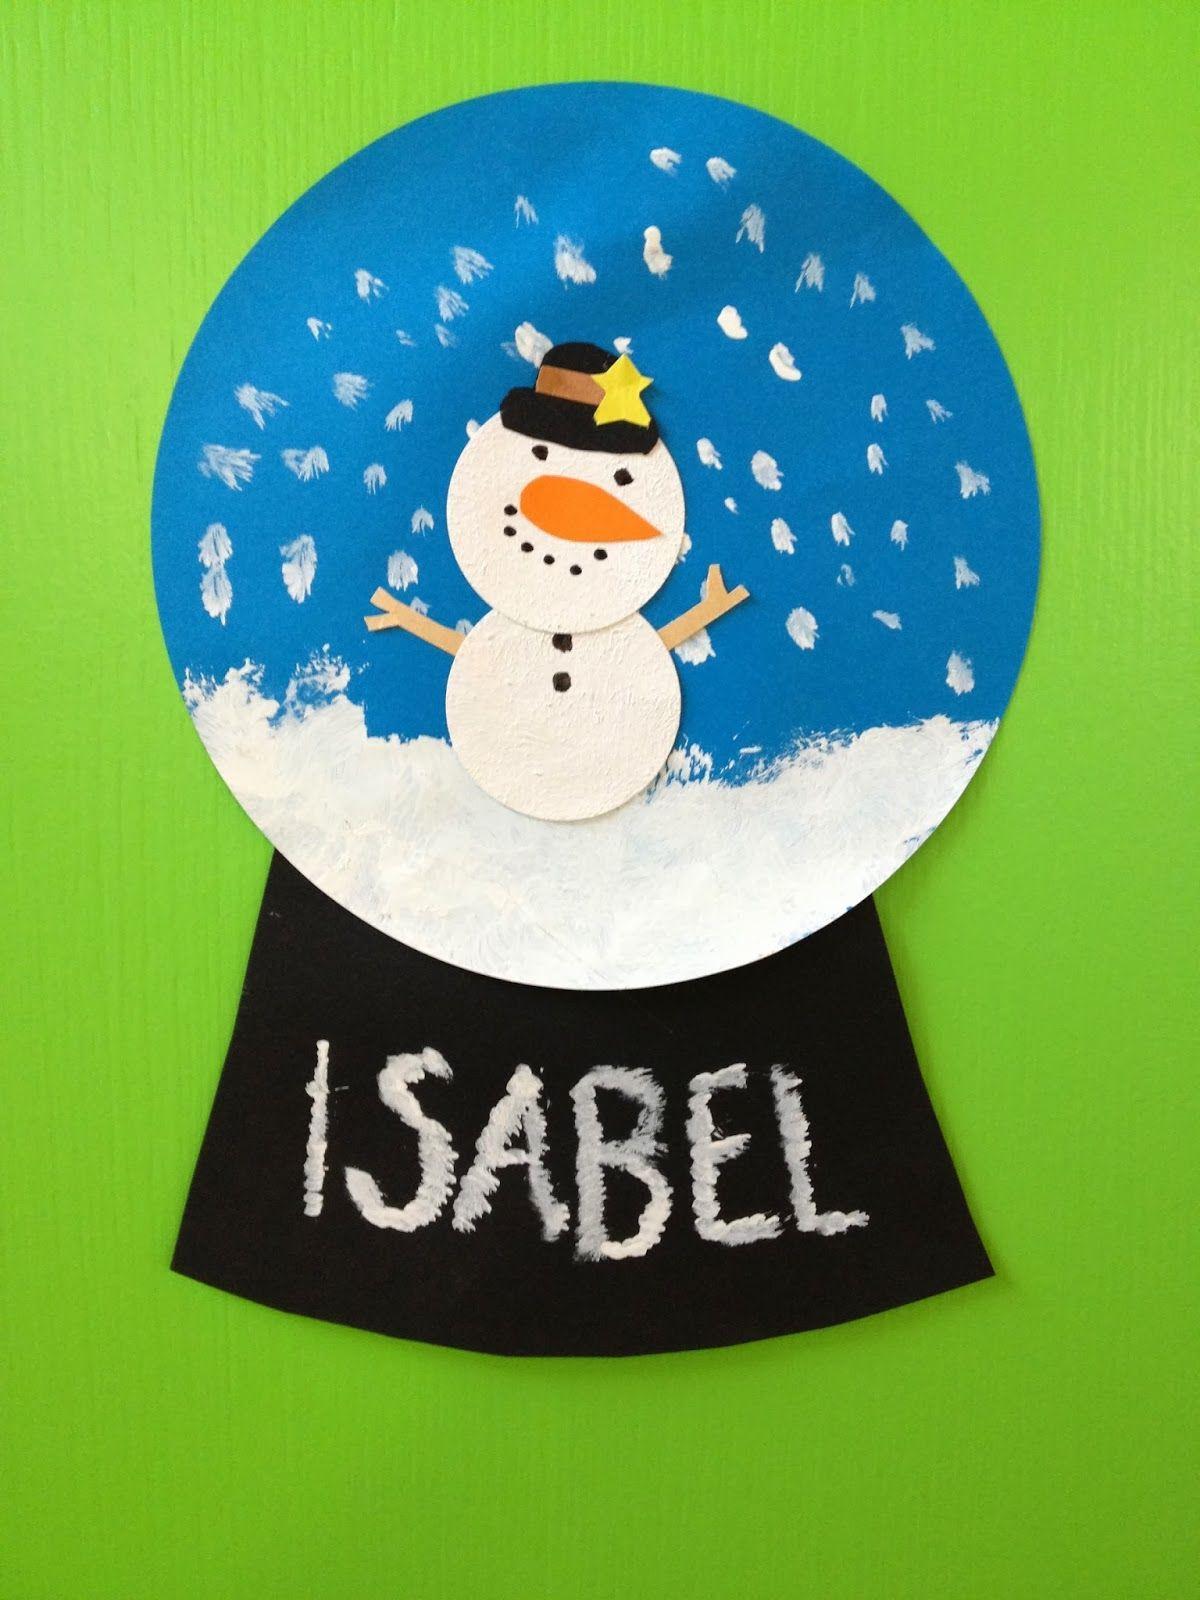 KLASSENKUNST: Schneekugeln aus Papier, #aus #KLASSENKUNST #Papier #Schneekugeln #Winterbilde...